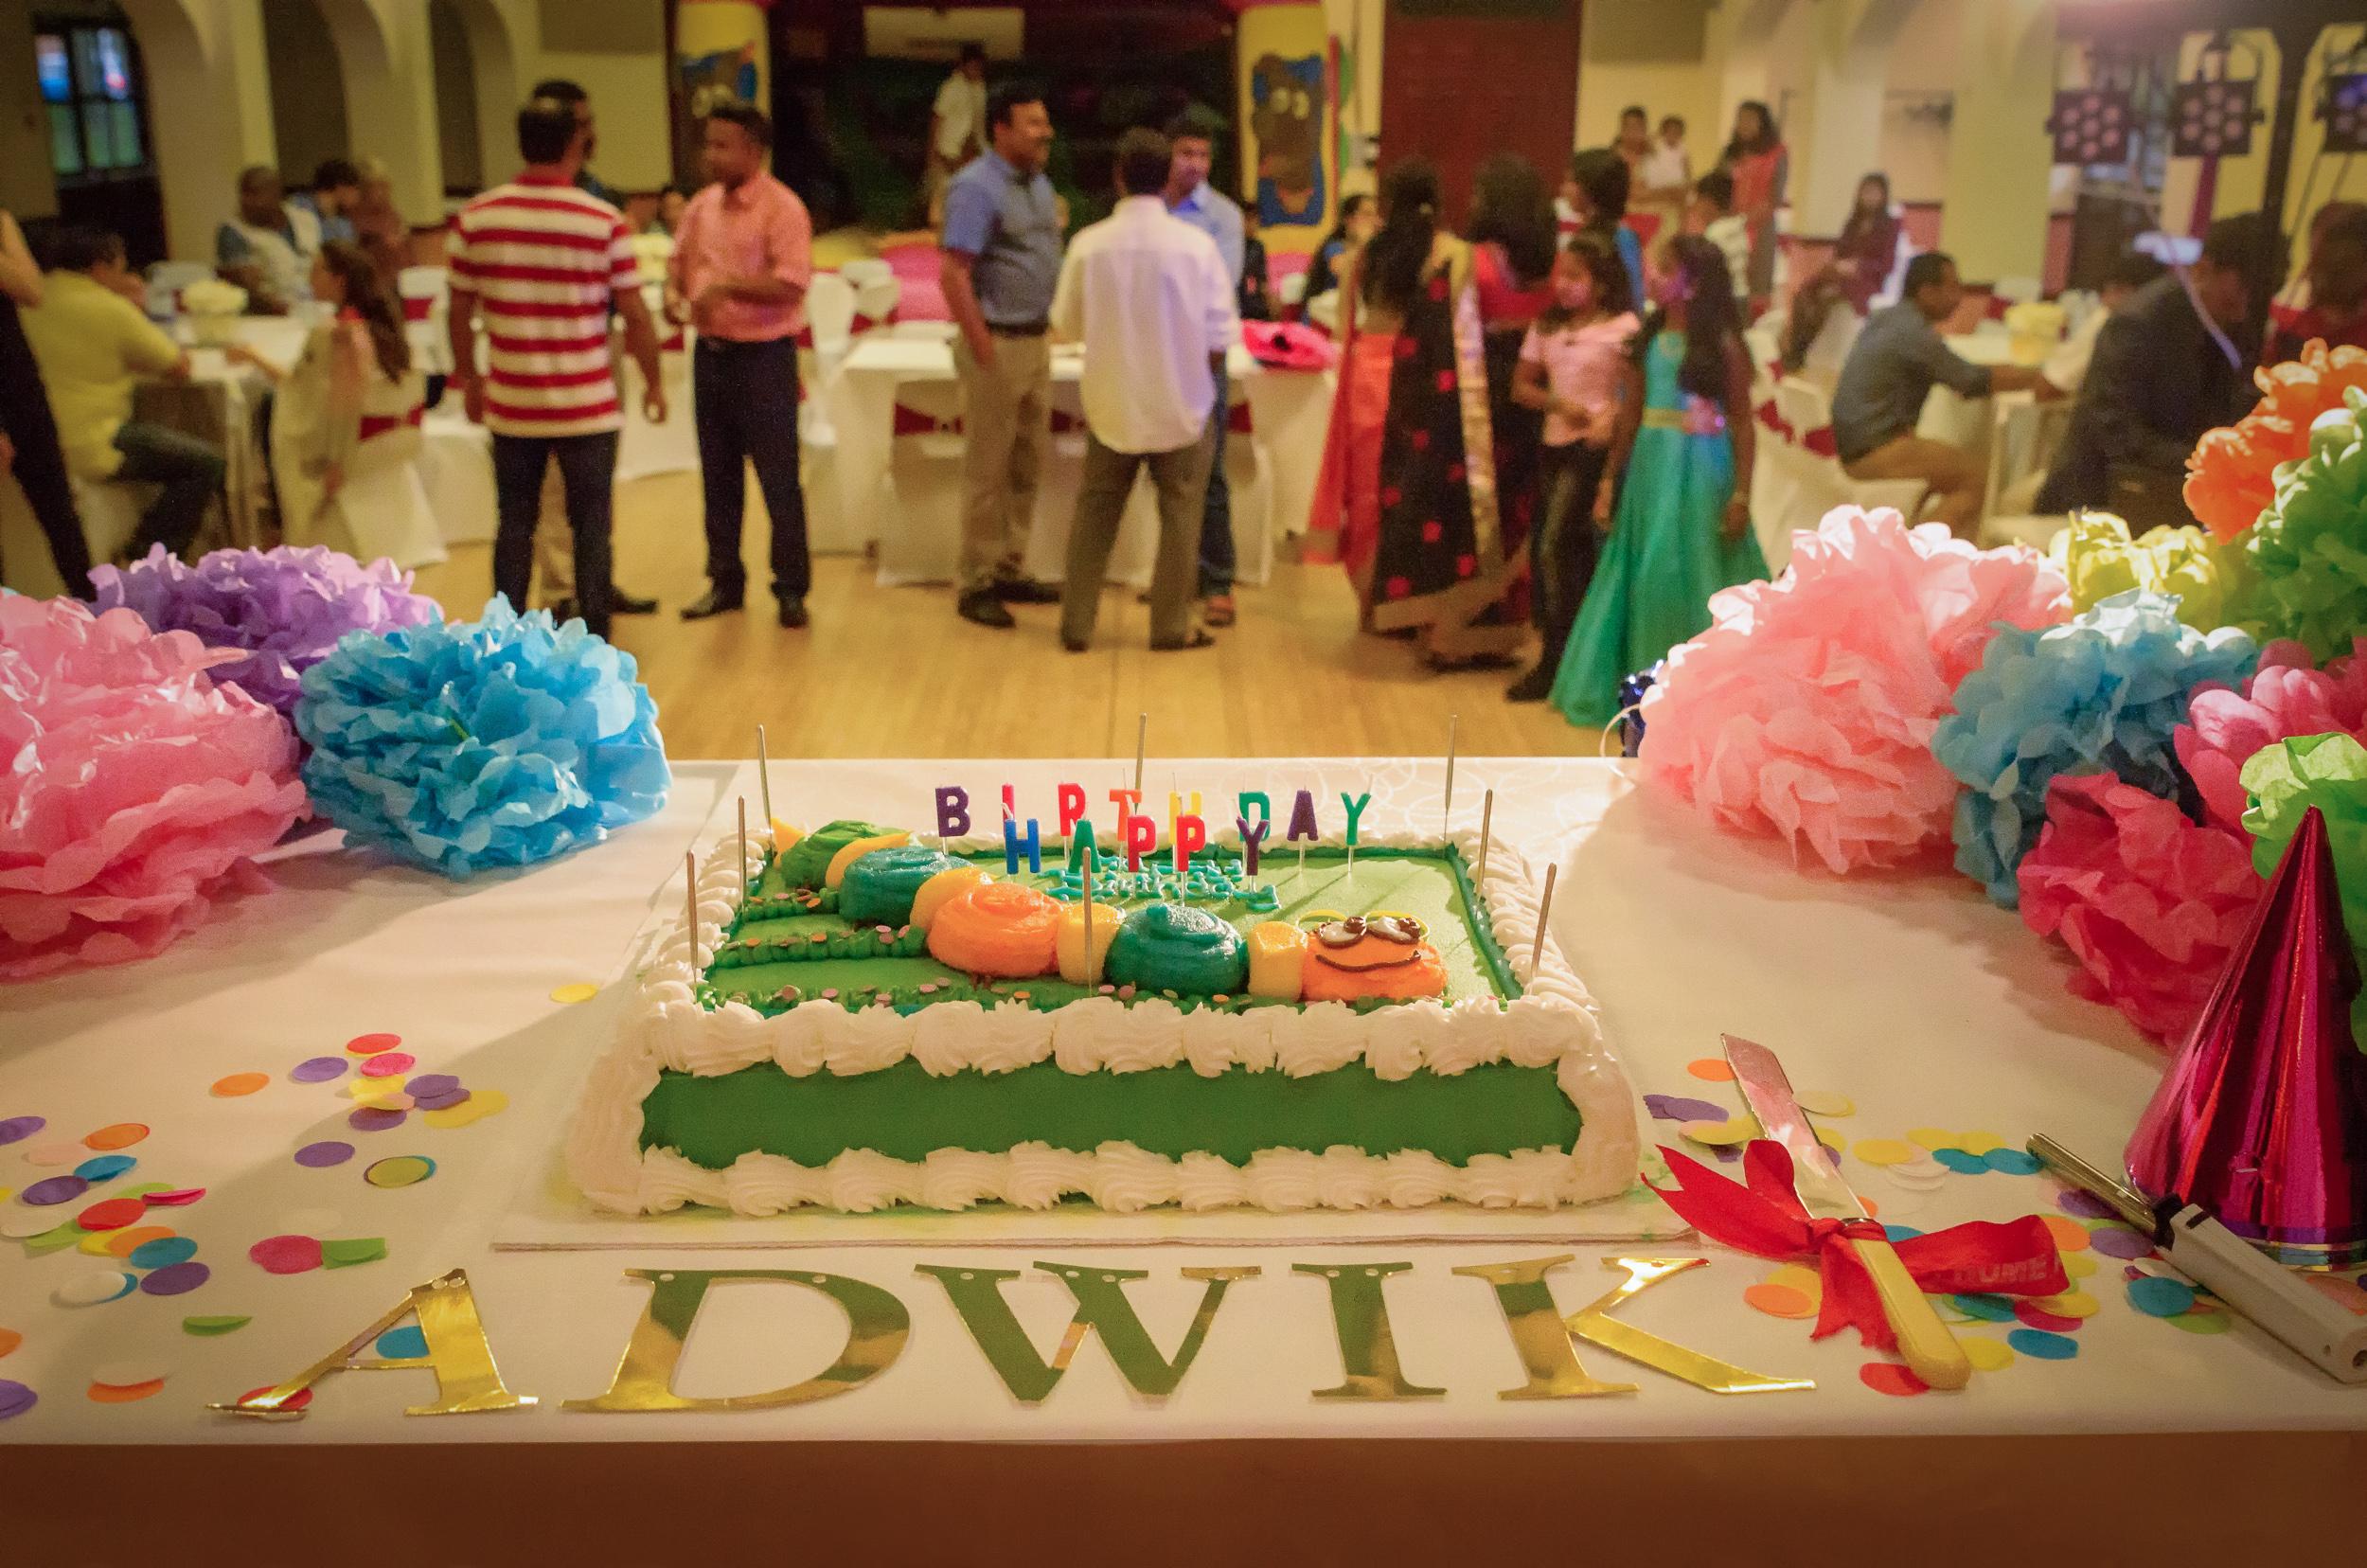 Adwik's Birthday - 39.jpg